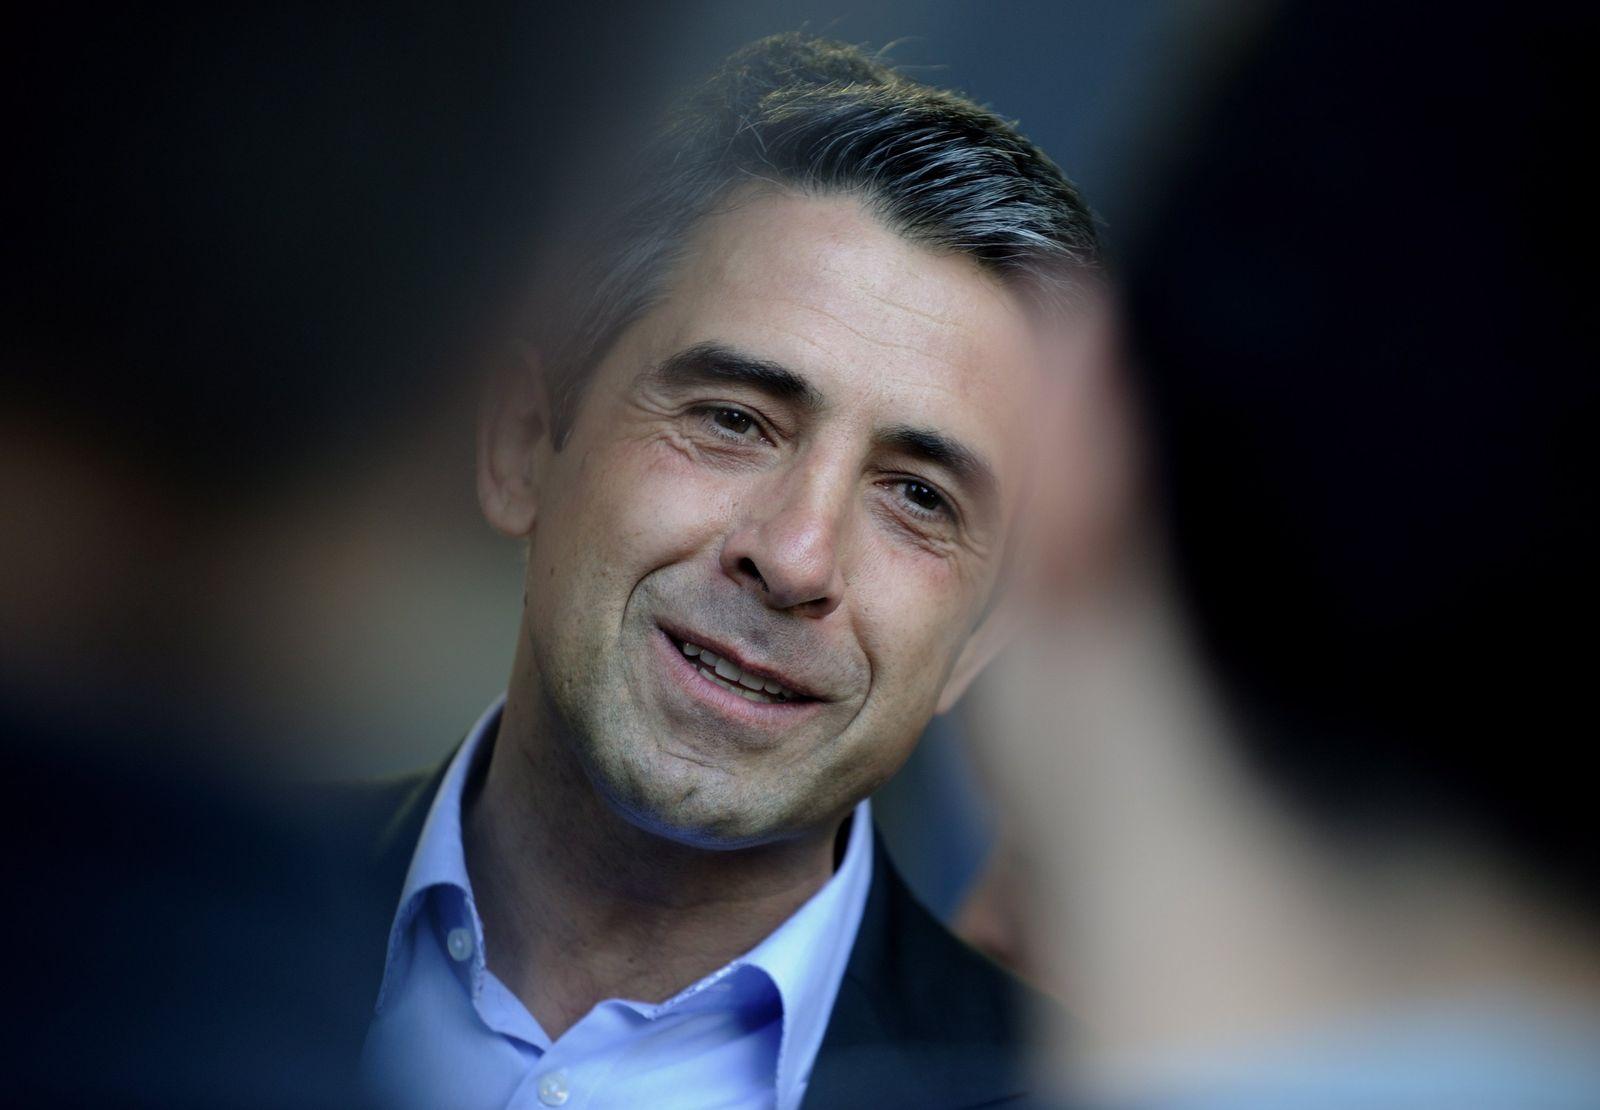 Präsidentenwahl in Bulgarien Plewneliew